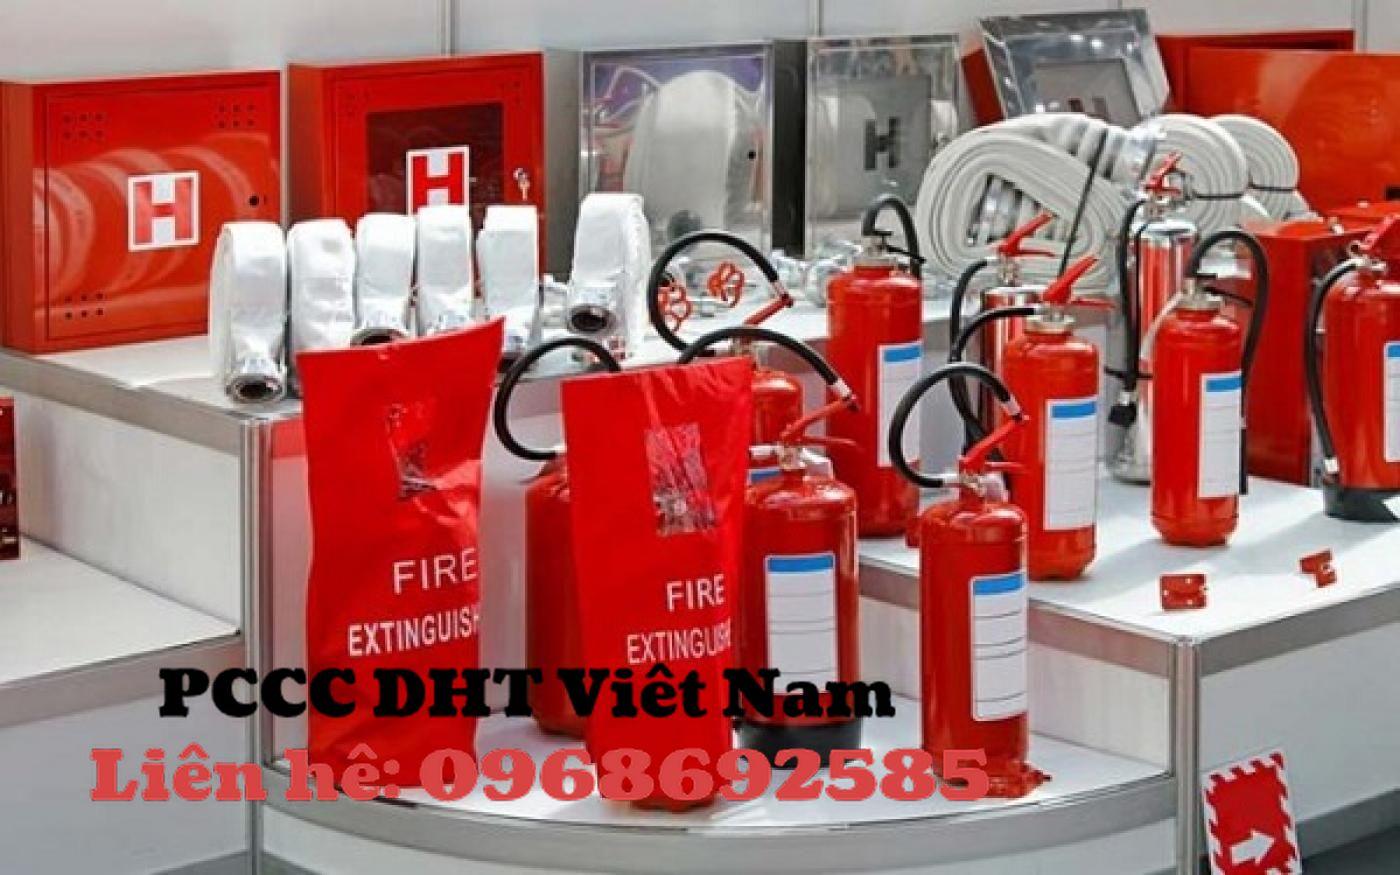 PCCC DHT Việt Nam phân phối các thiết bị chữa cháy cho khu công nghiệp.